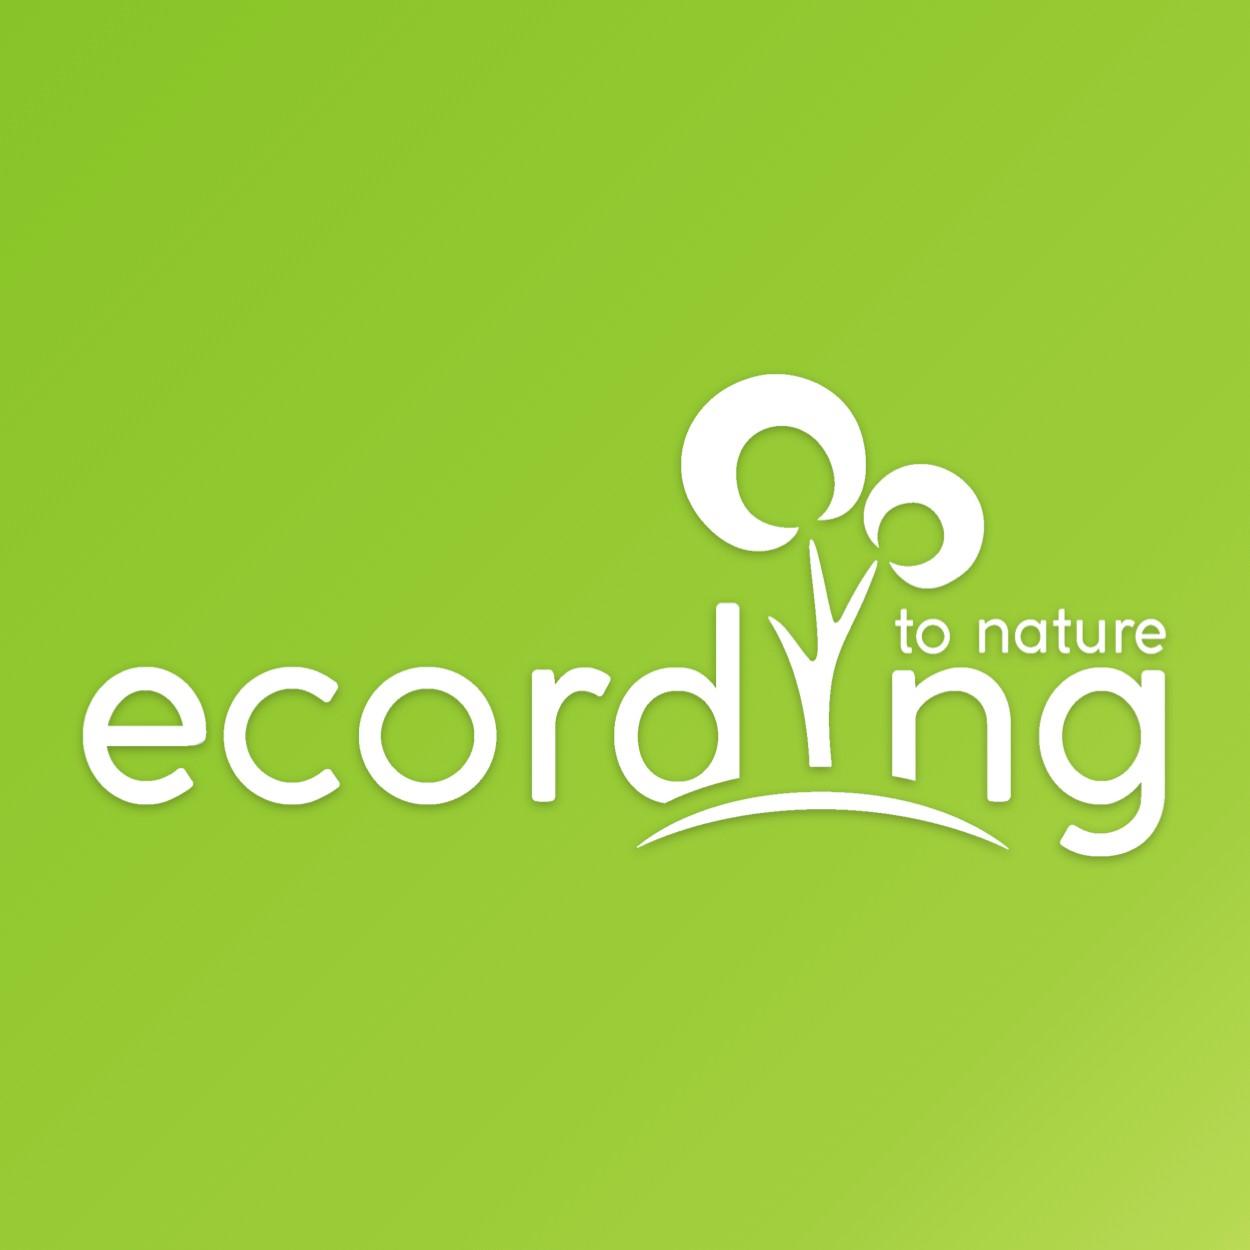 ecording